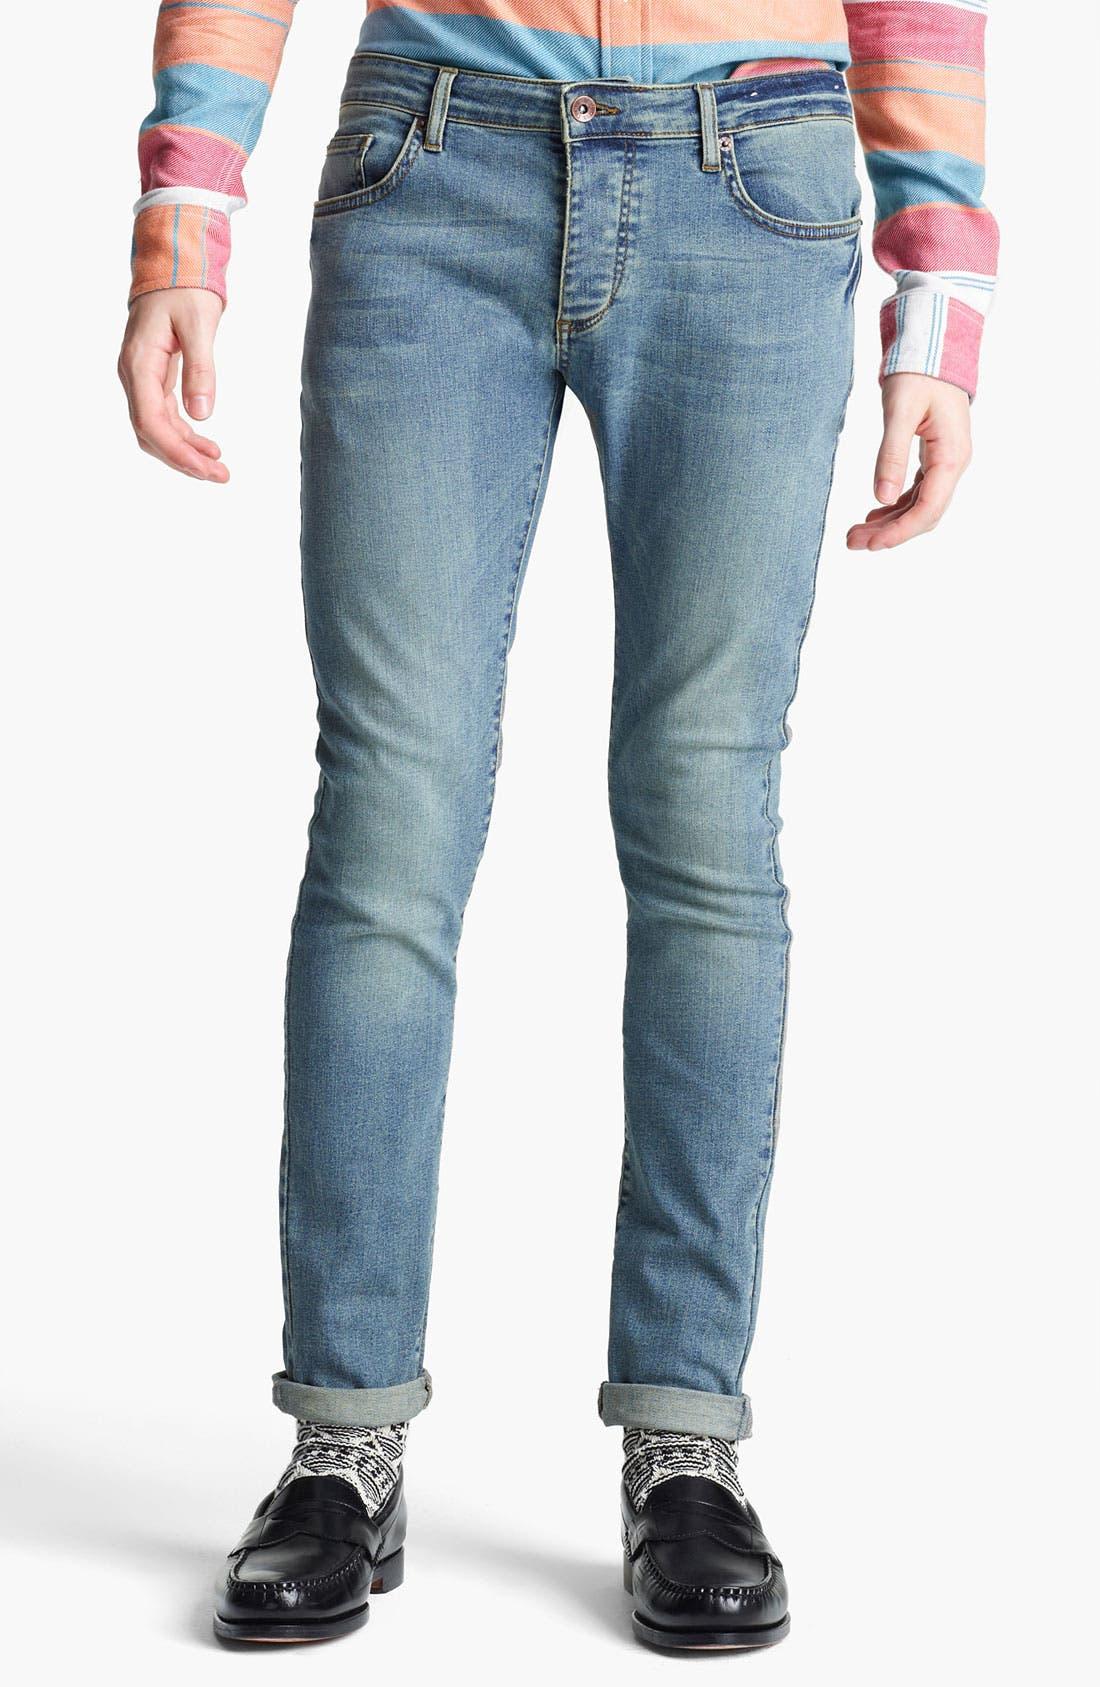 Alternate Image 1 Selected - Topman 'Spray On' Skinny Jeans (Atlanta)